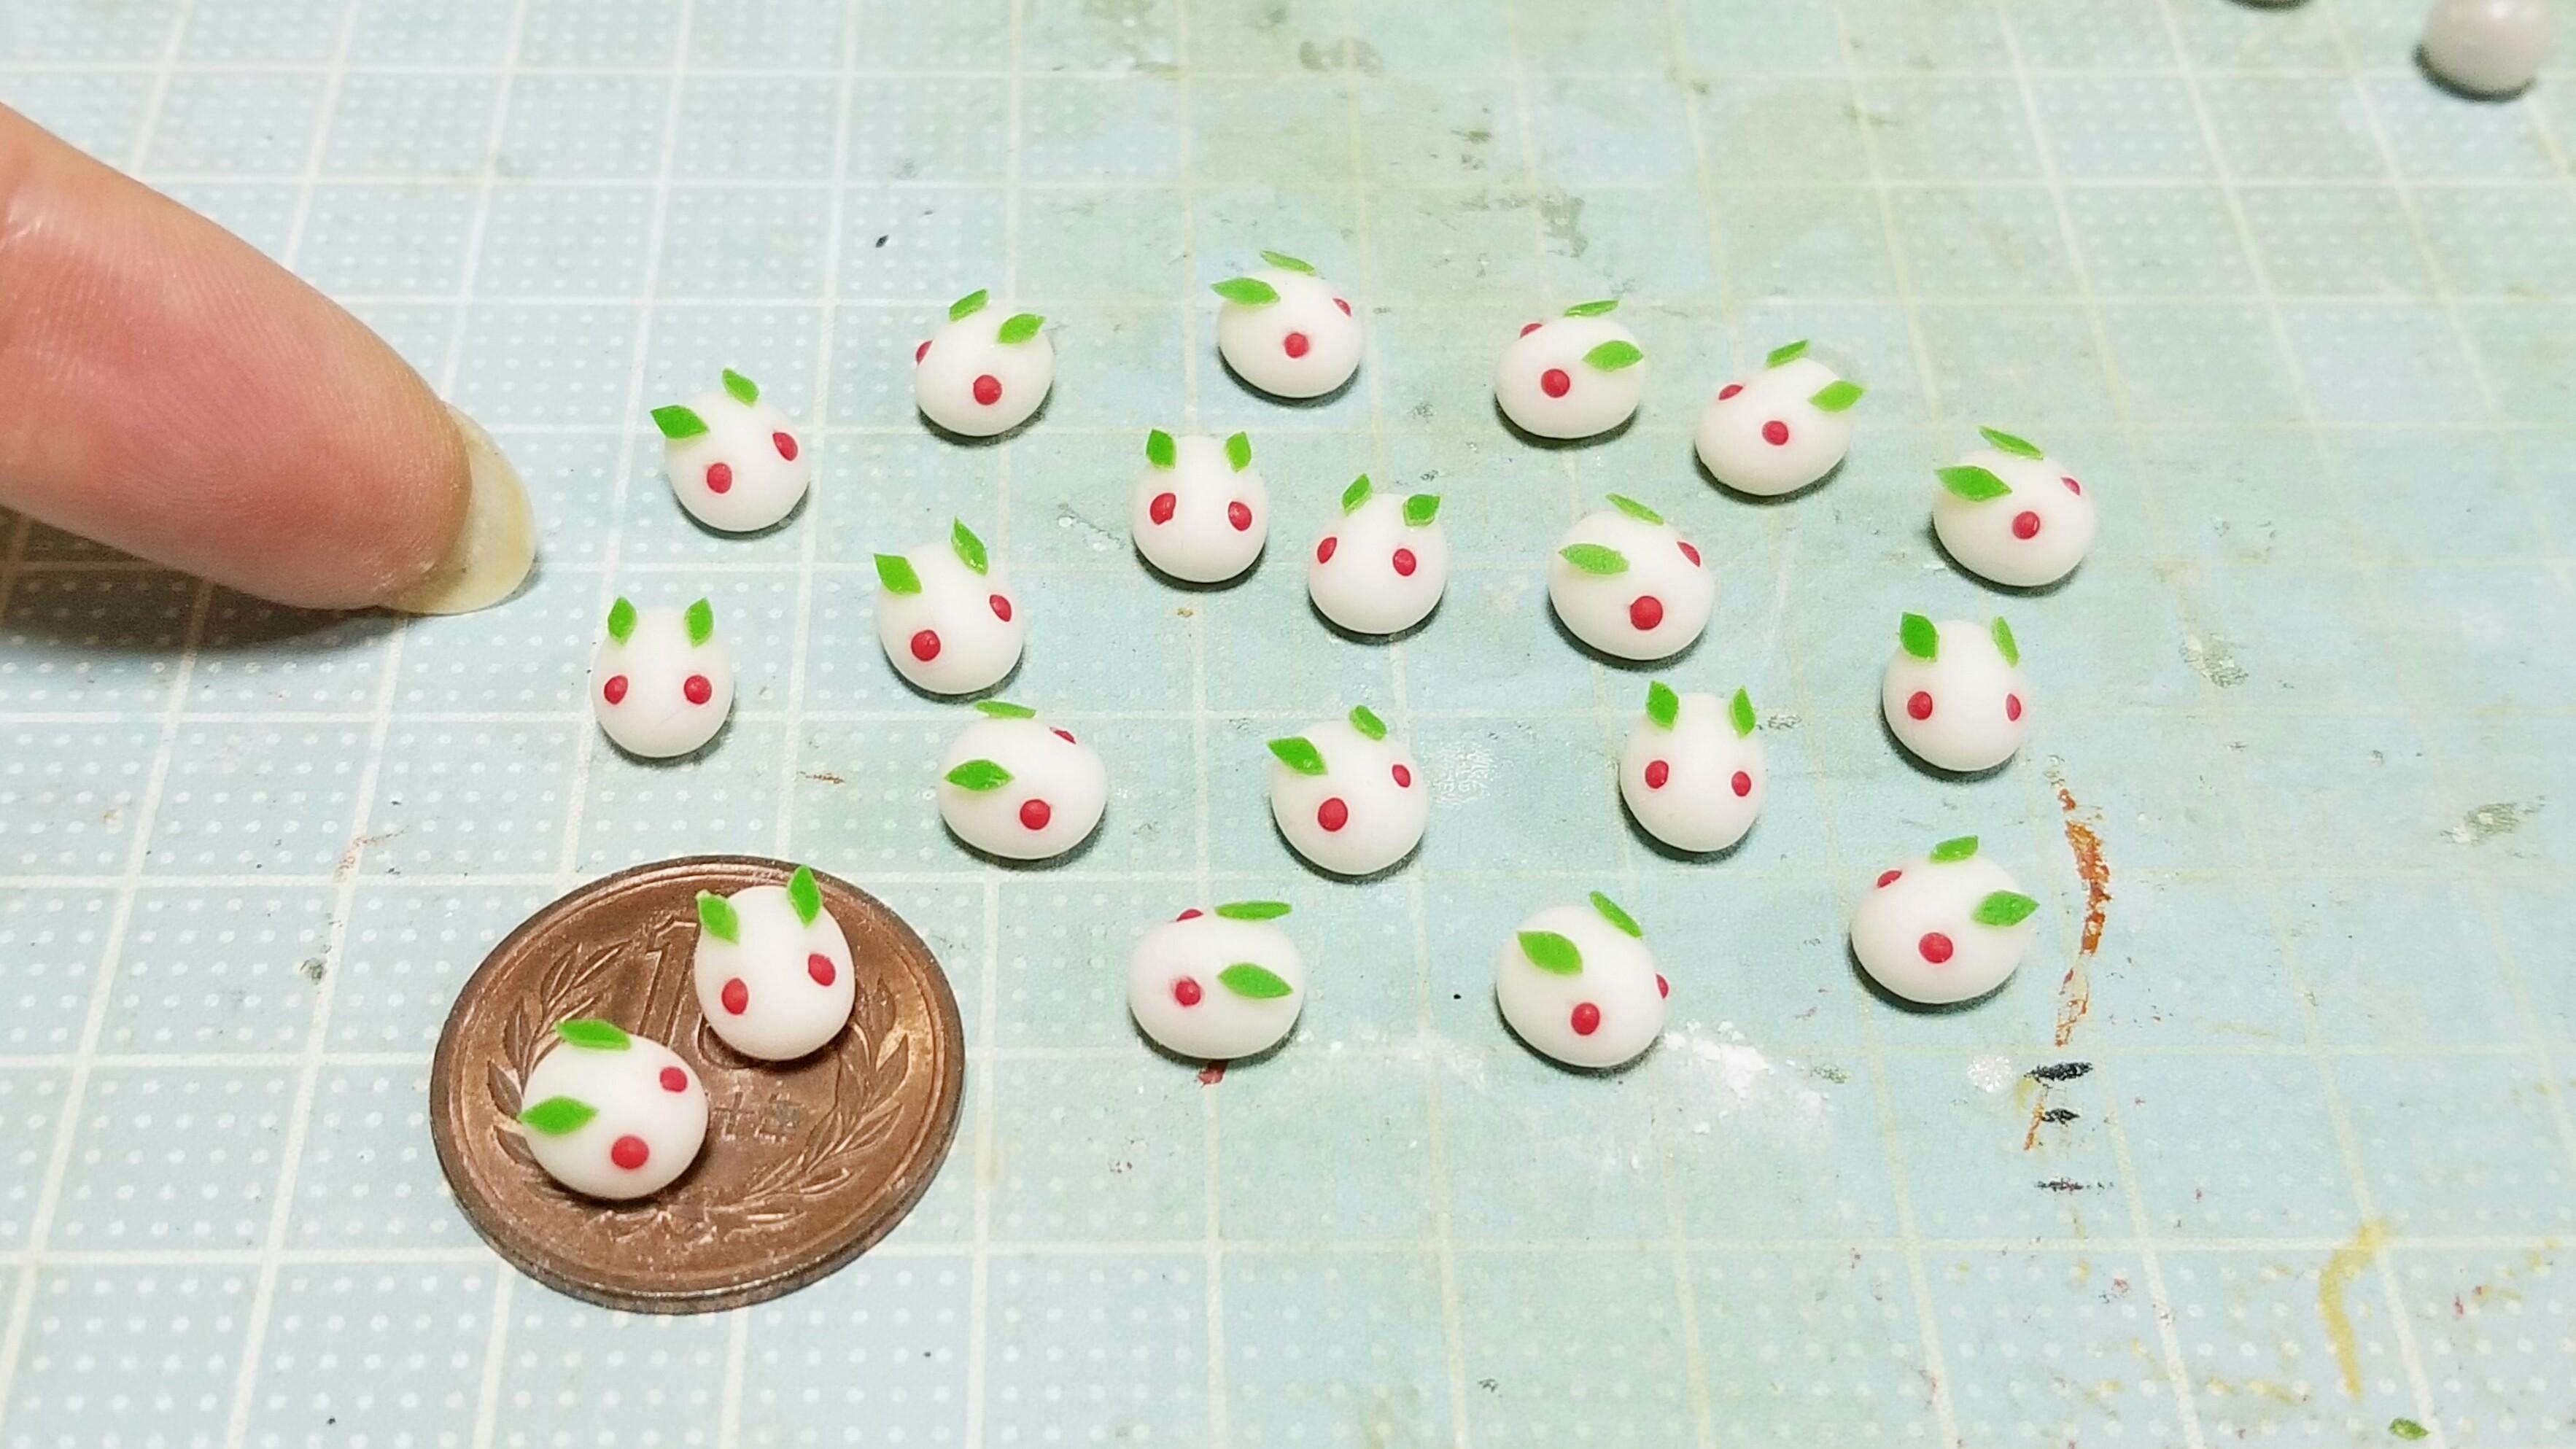 ミニチュアフードの作り方樹脂粘土かわいい和菓子うさぎ人気ブログ